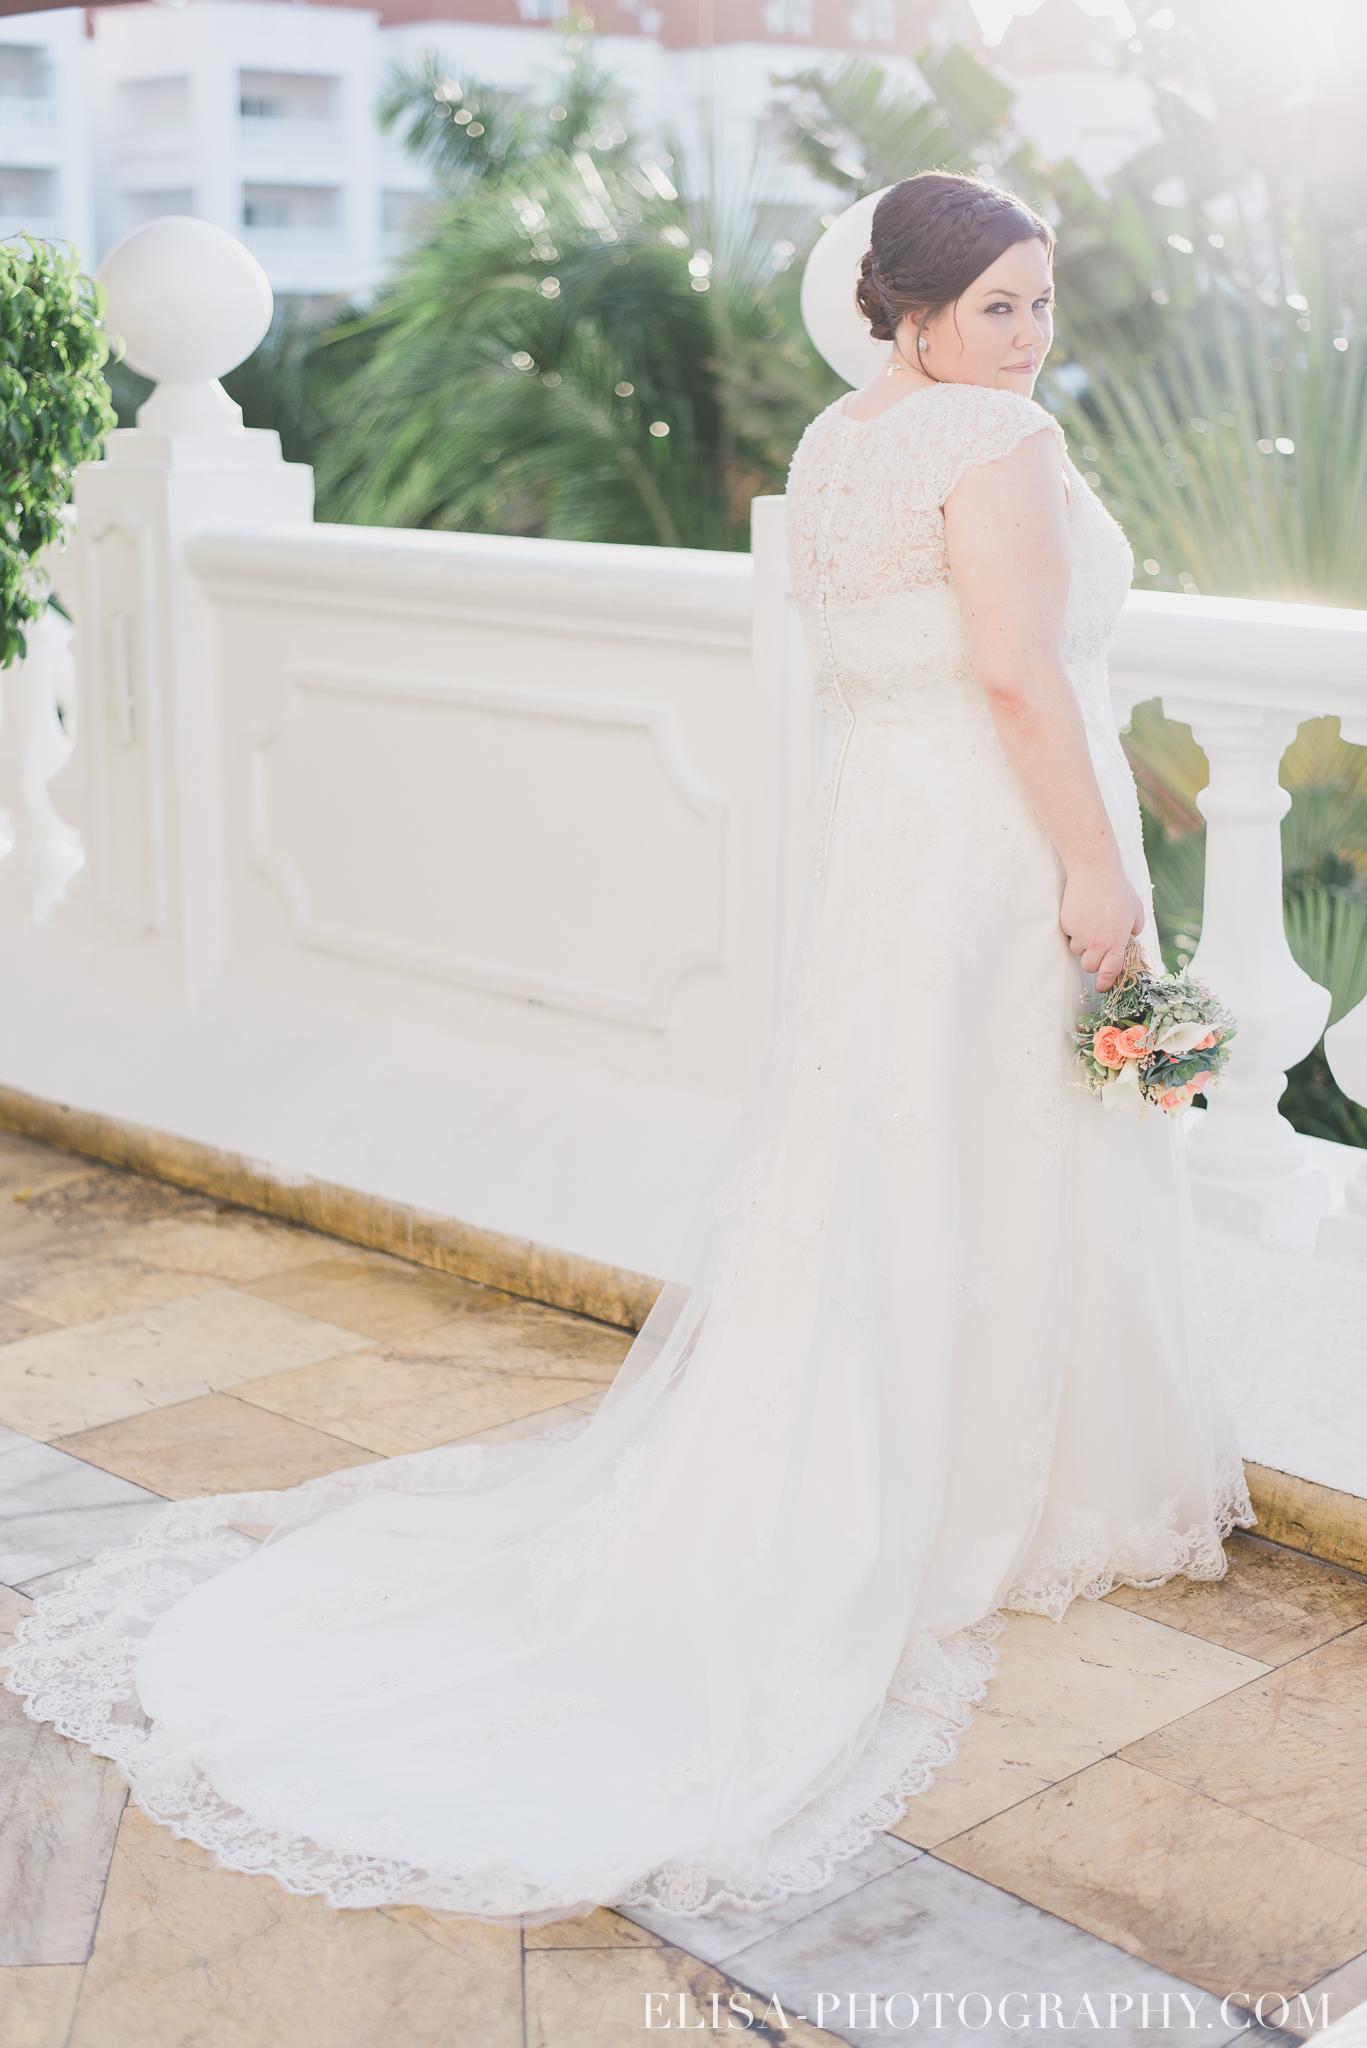 Les 12 endroits les plus romantiques pour votre mariage à destination